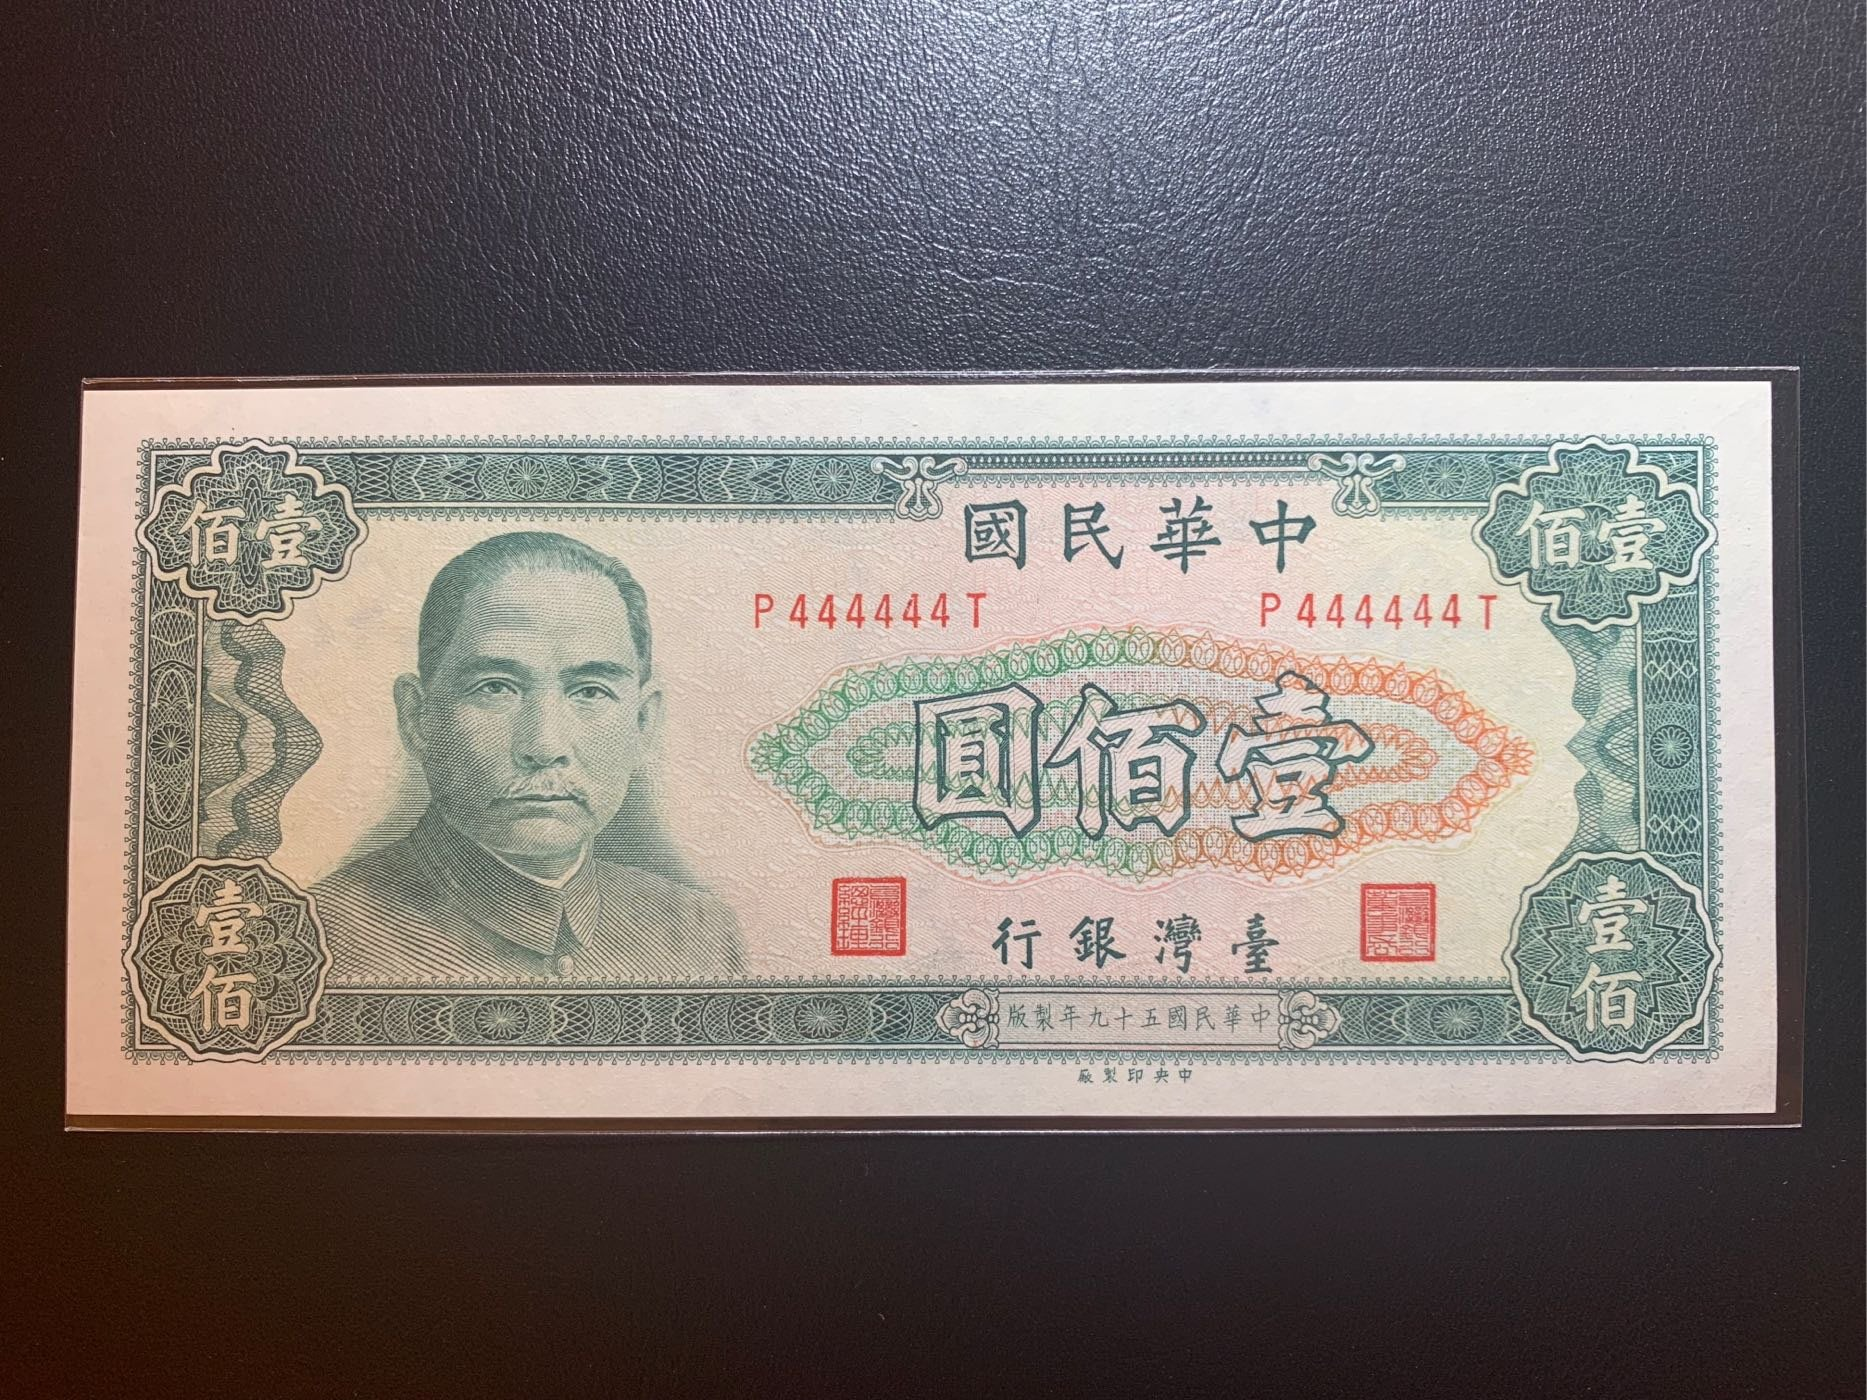 (((趣味大叔)))🇹🇼五十九年壹佰圓DDDDDD大趣味鈔稀有釋出!!